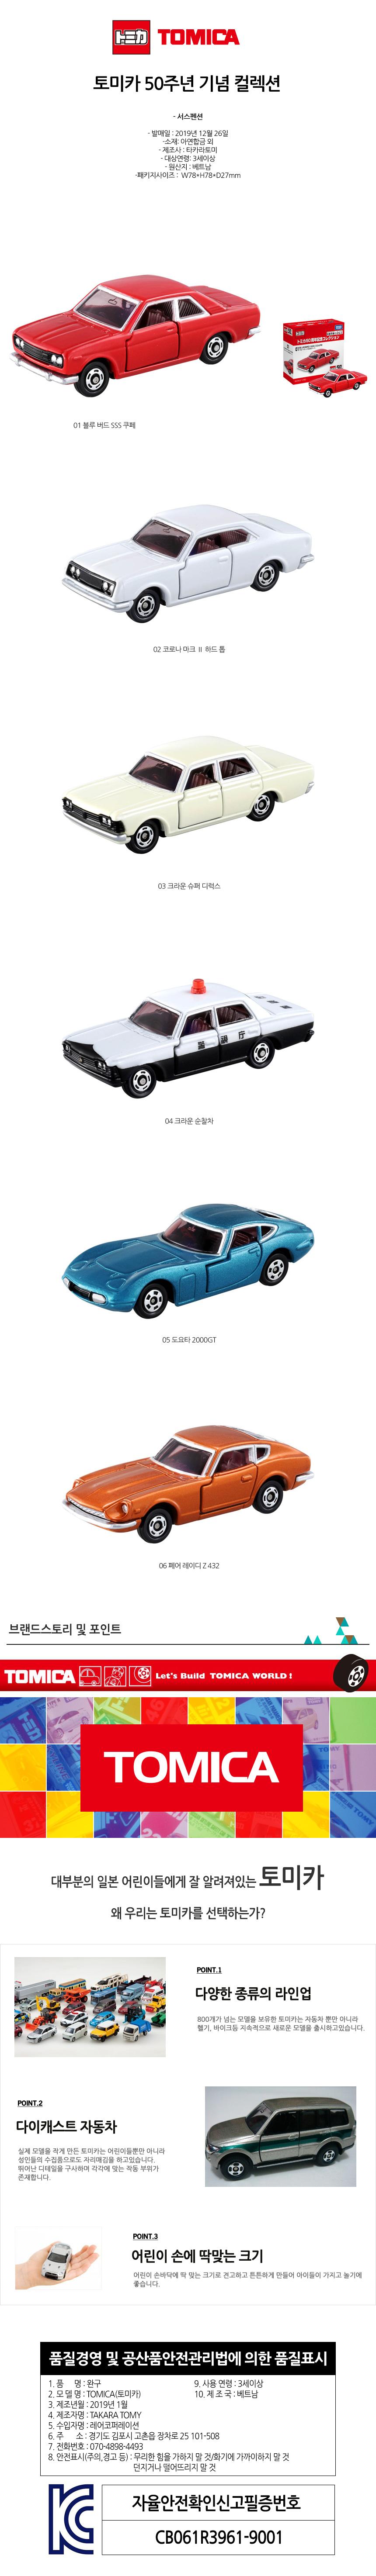 (한정판토미카) 토미카 50주년 기념 컬렉션 (2019년 12월발매) - 레어코퍼레이션, 12,500원, 자동차 모형, 기타 자동차